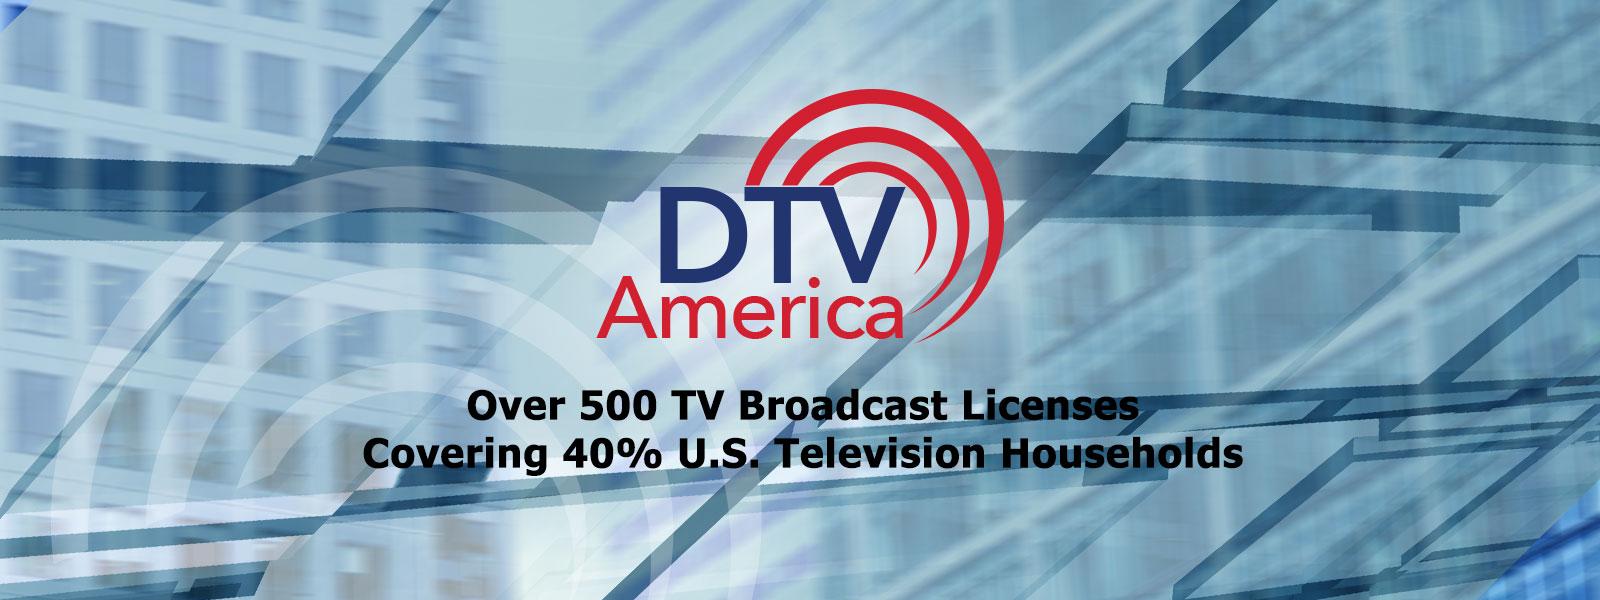 DTV_slider2-